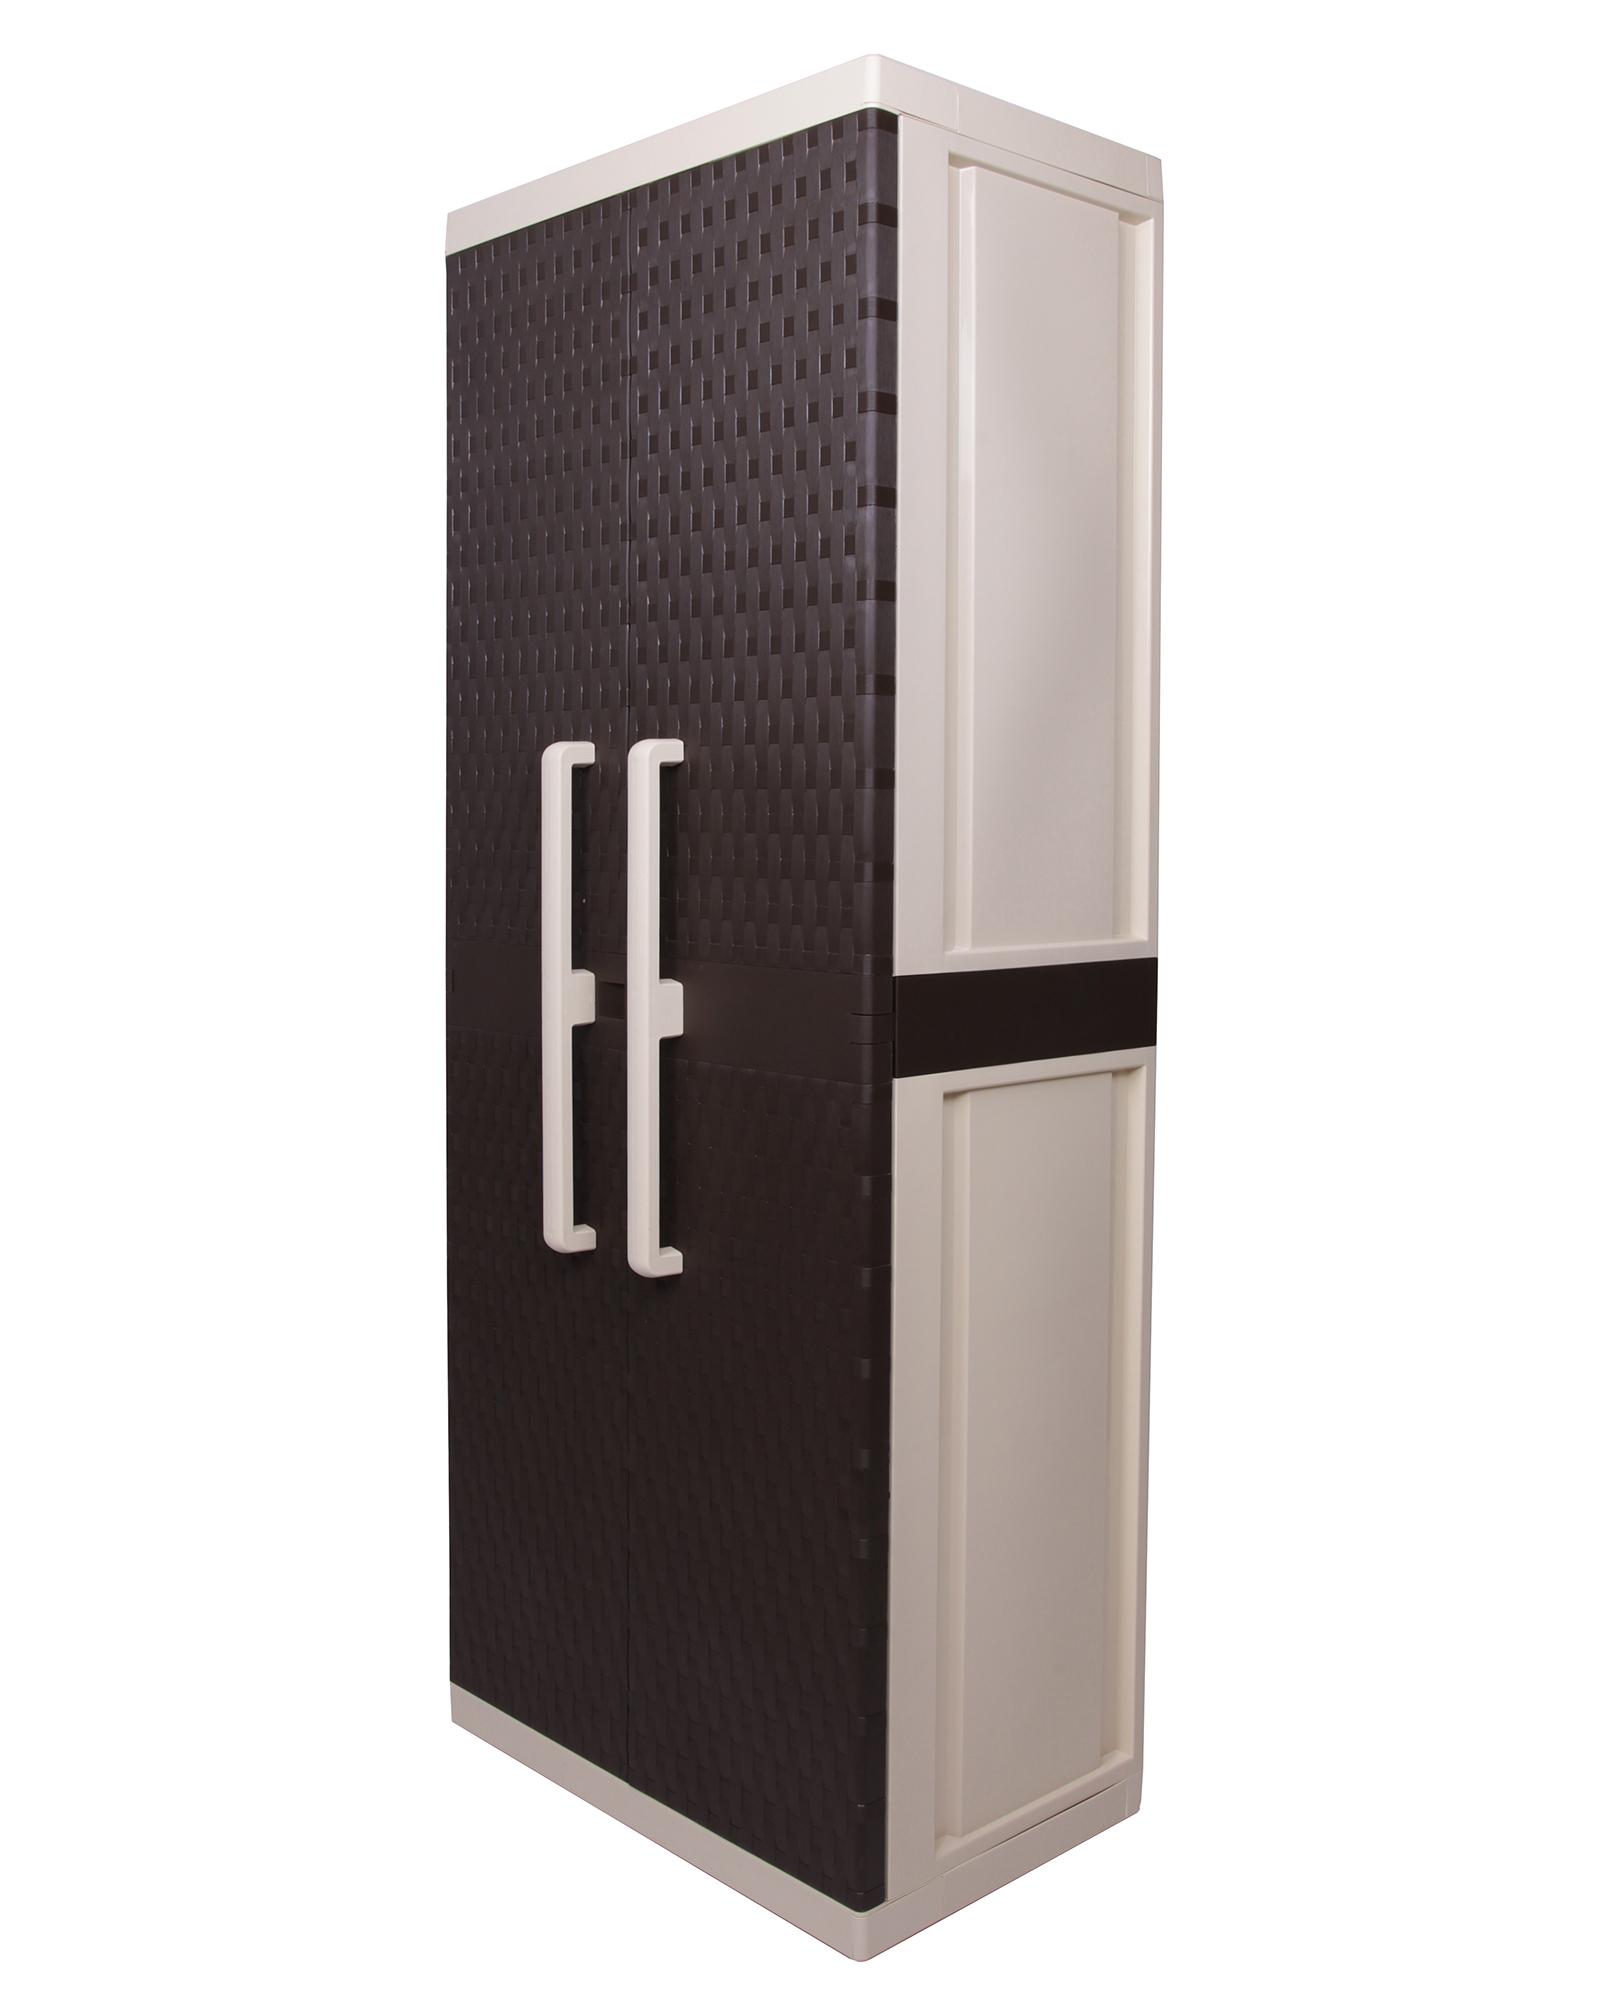 ausgezeichnet gartenschrank wasserdicht bilder die designideen f r badezimmer. Black Bedroom Furniture Sets. Home Design Ideas